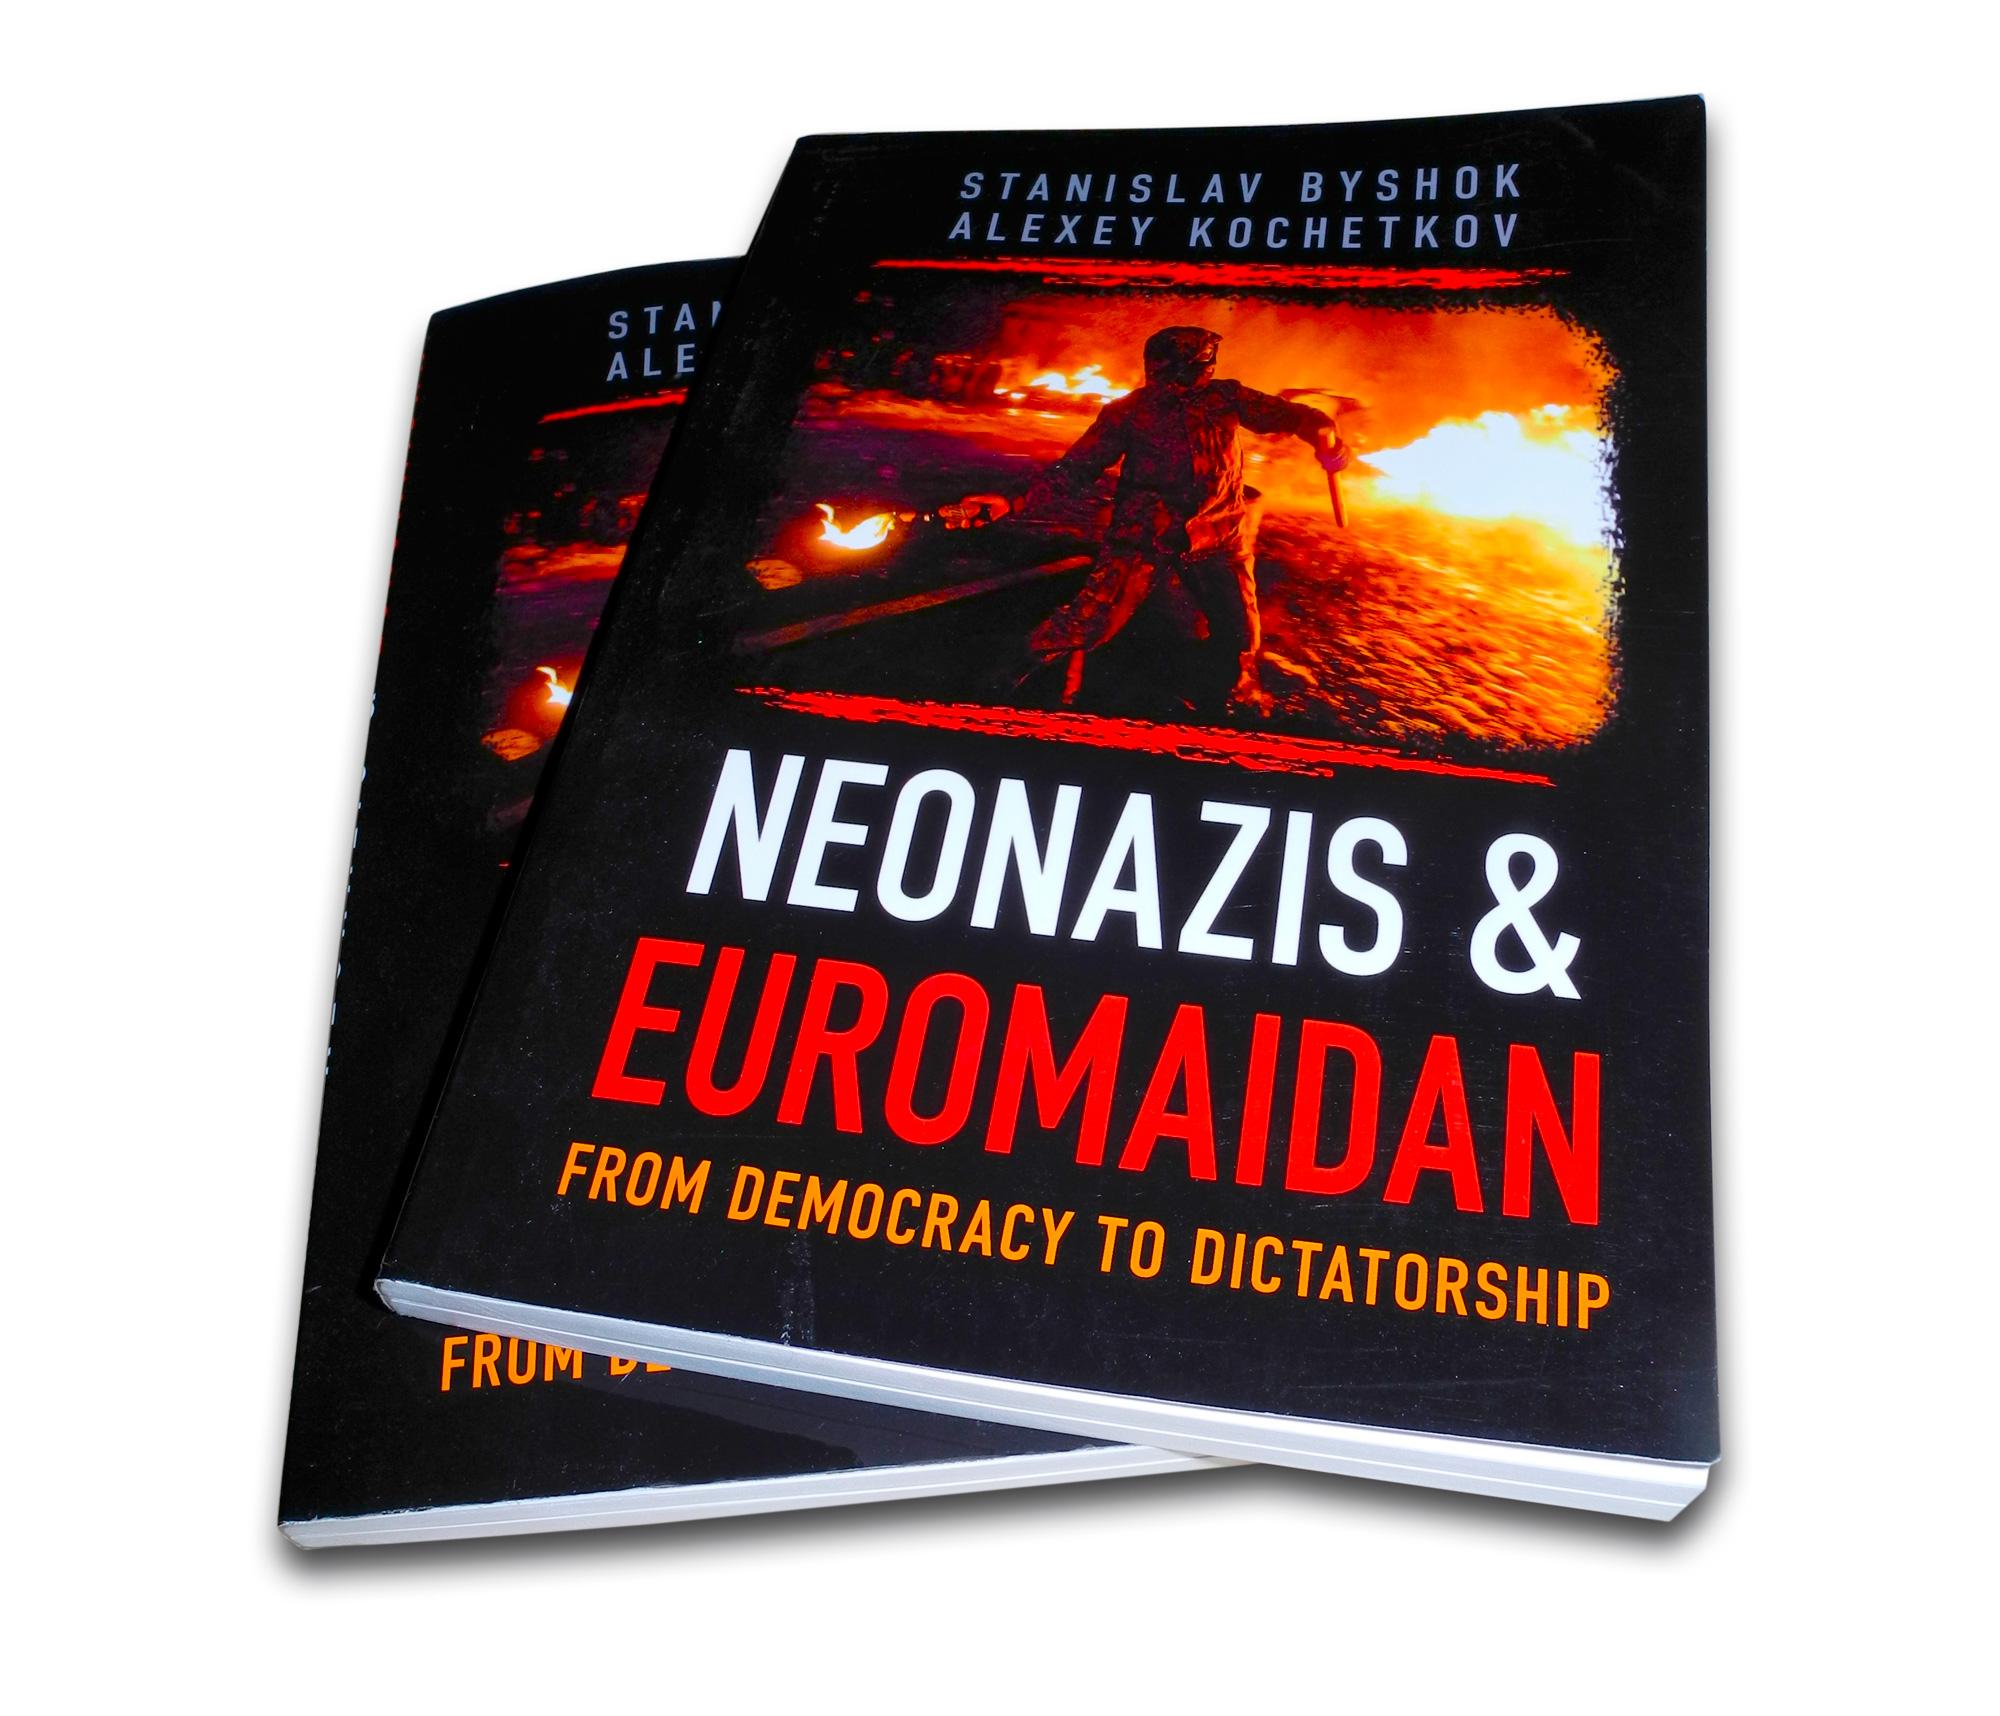 neonaziMaidan